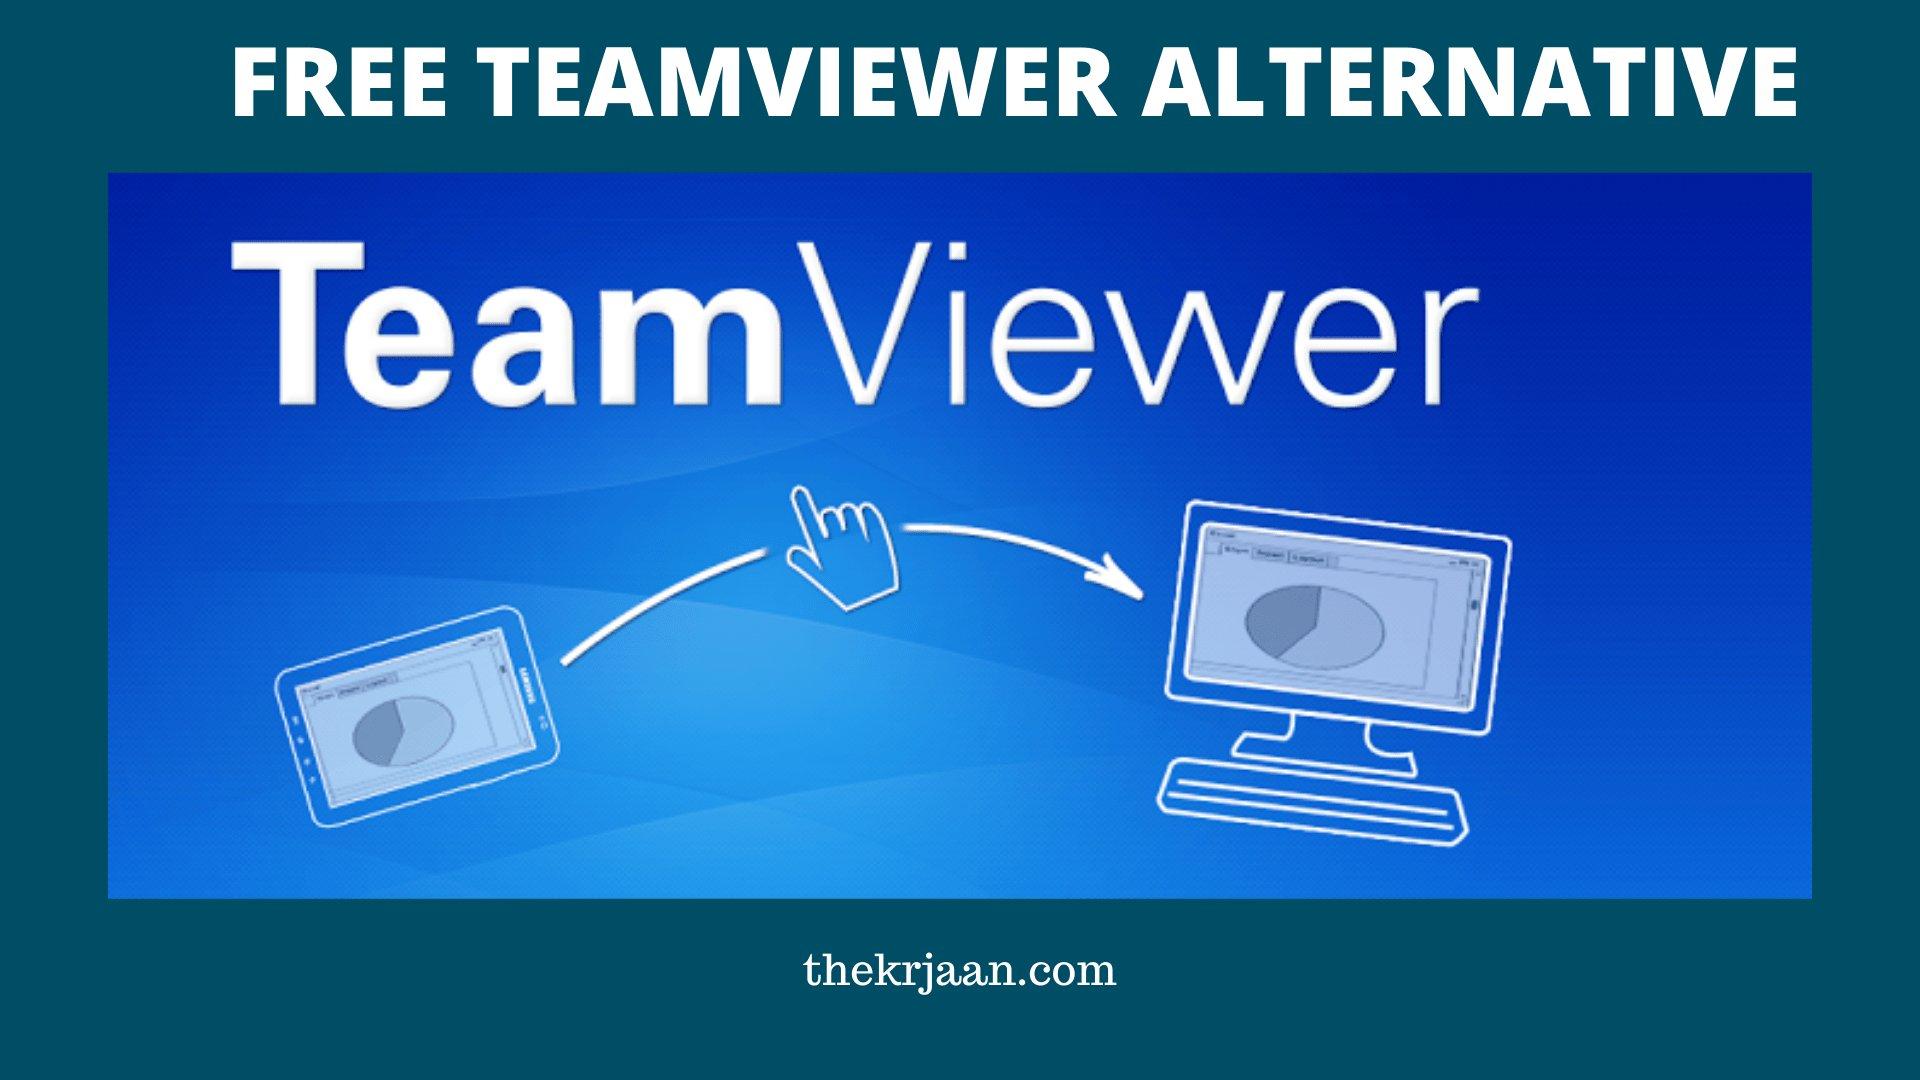 Free Teamviewer Alternatives in 2020